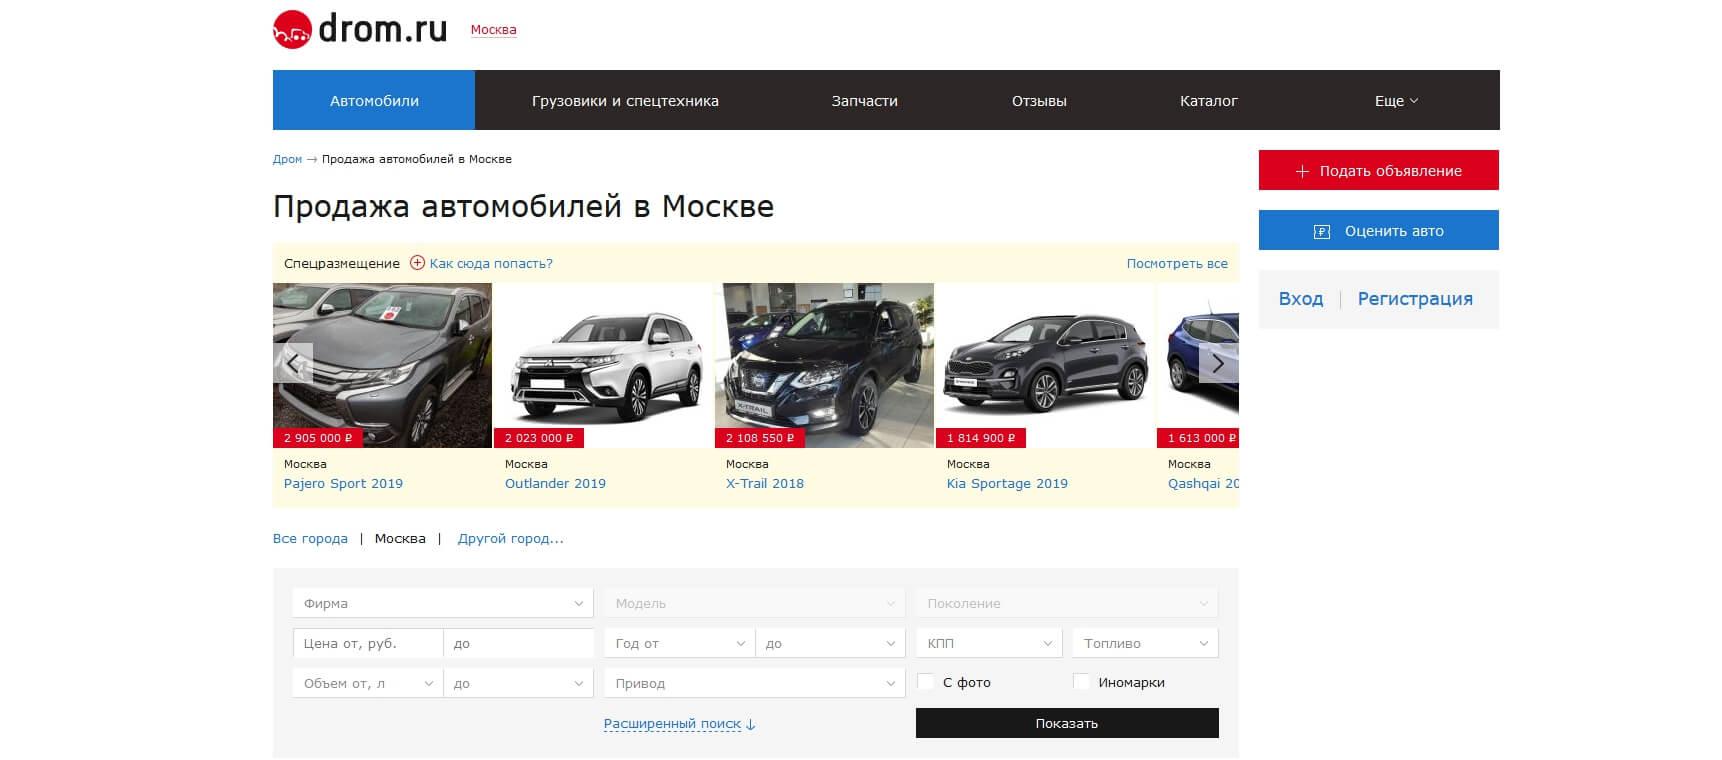 Дром.ру проверка авто по гос номеру